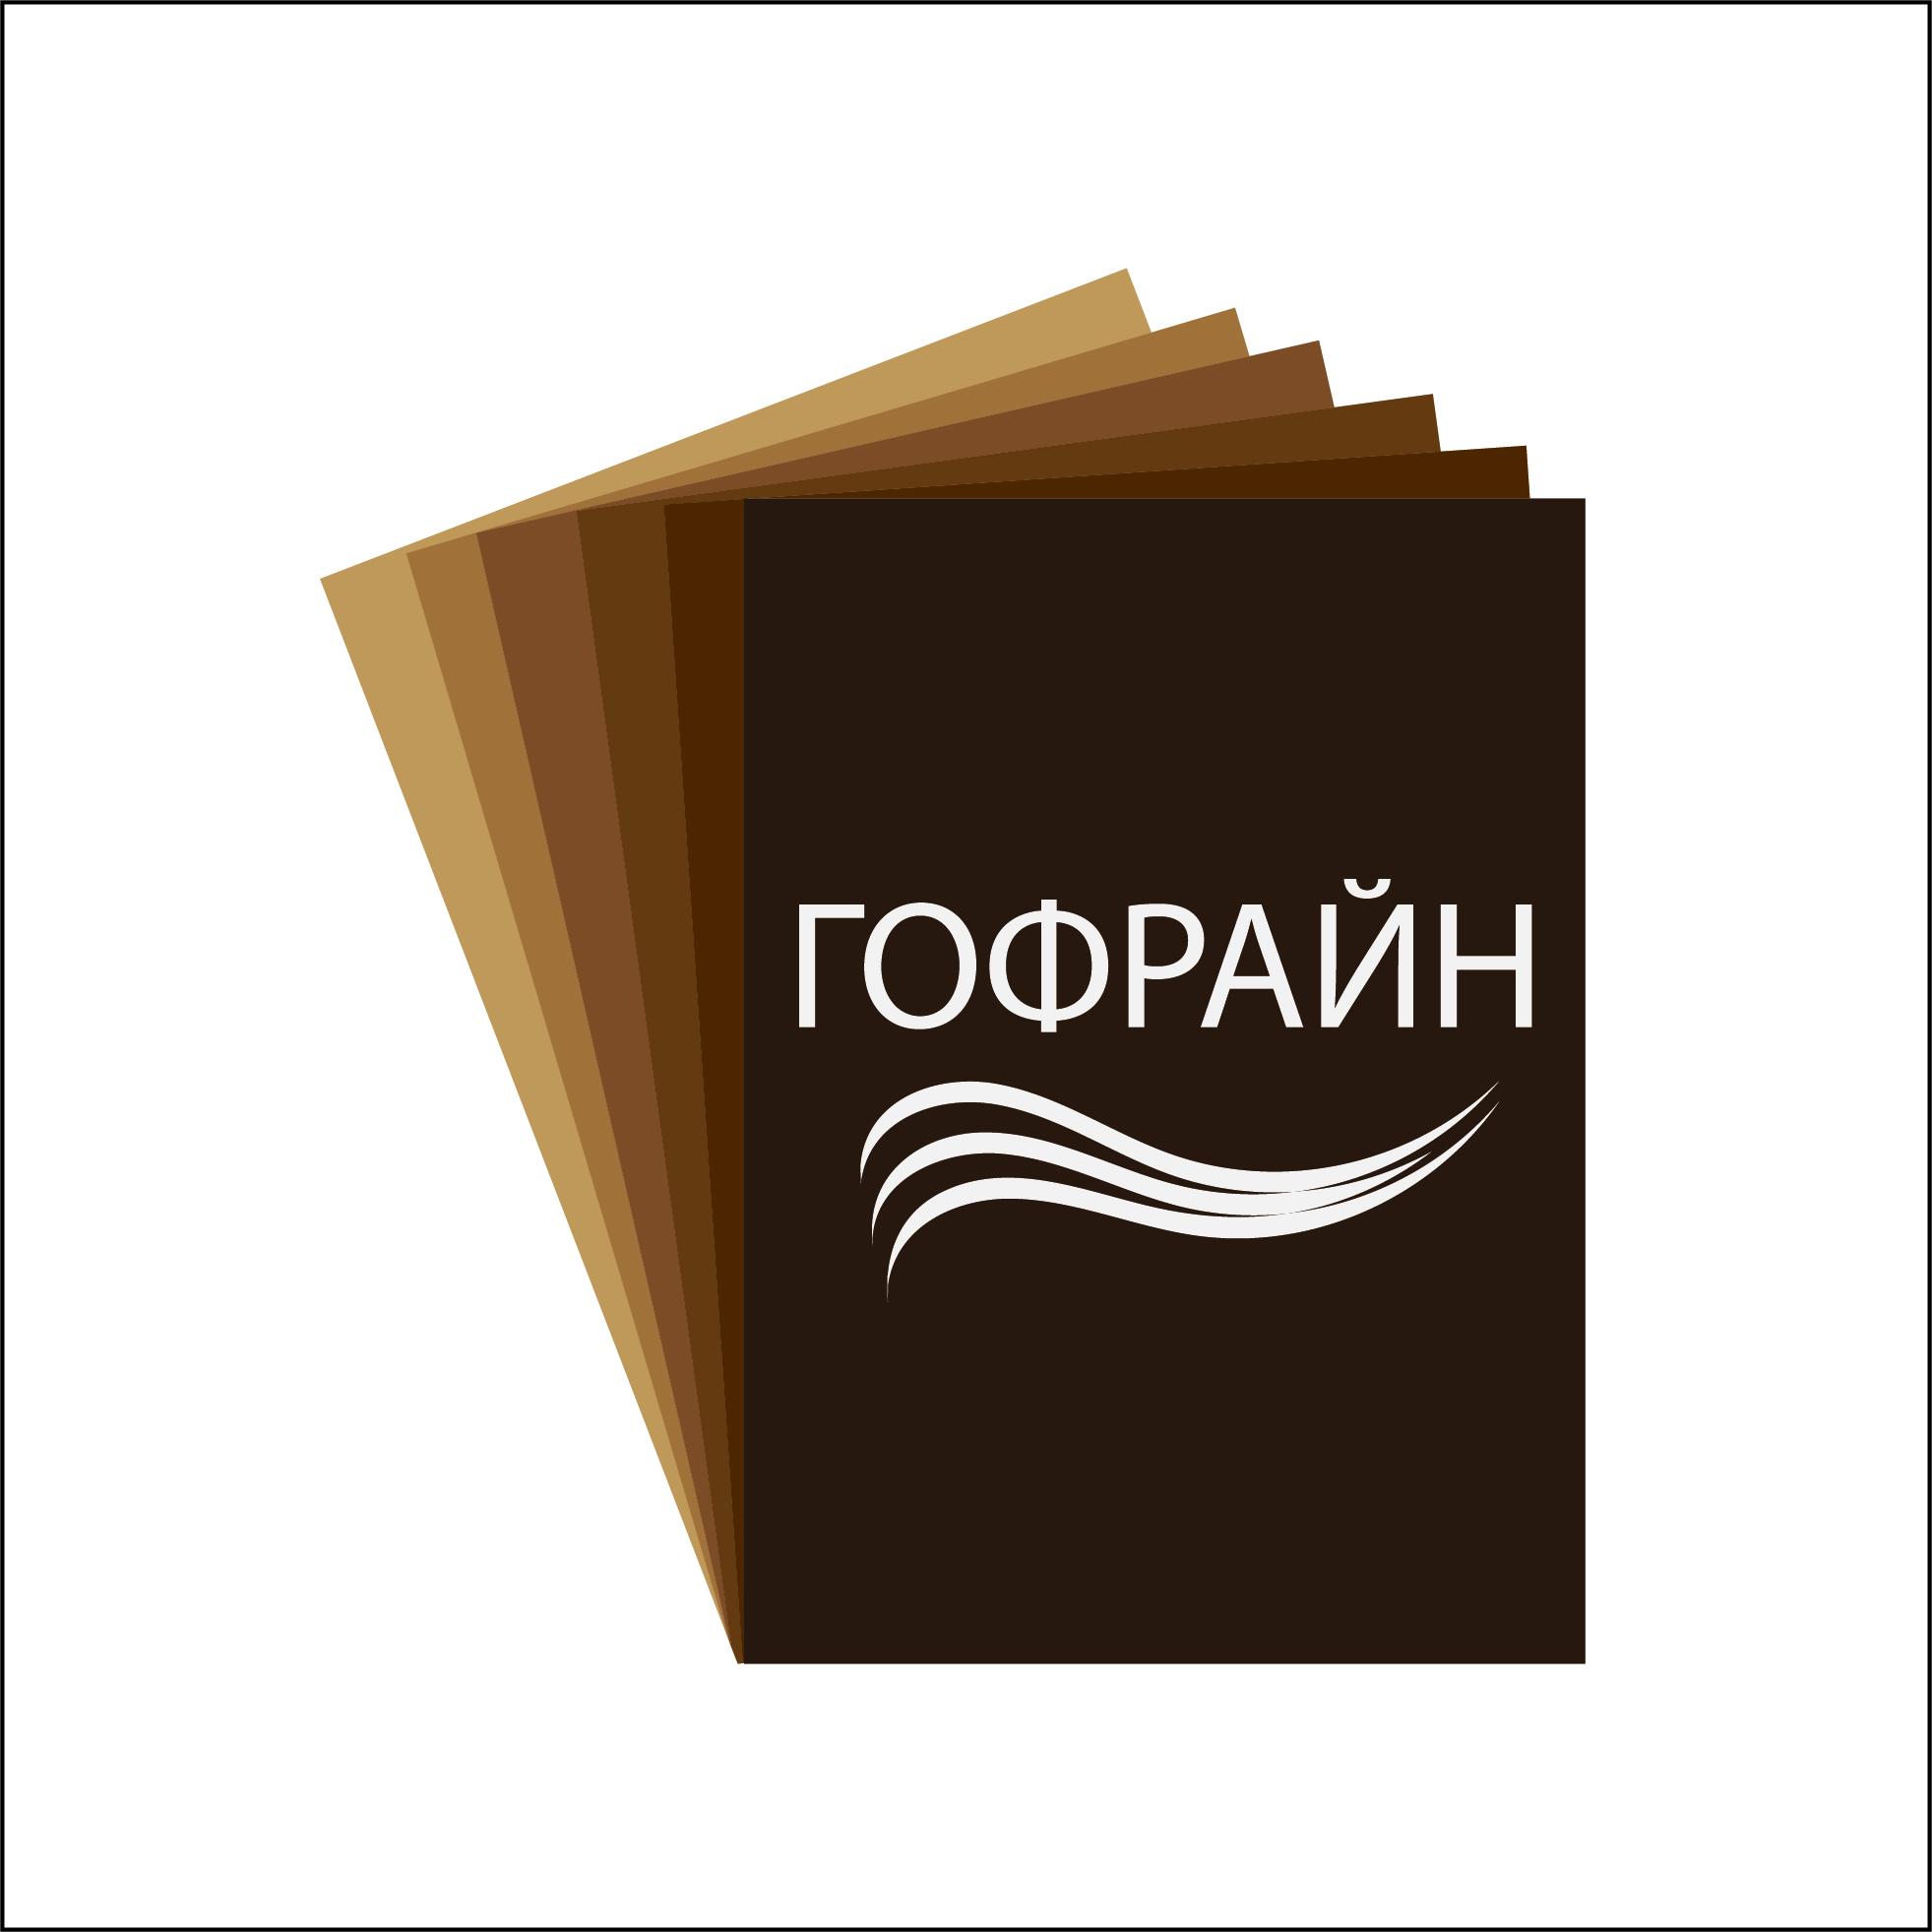 Логотип для компании по реализации упаковки из гофрокартона фото f_5455cdc257d8a659.jpg